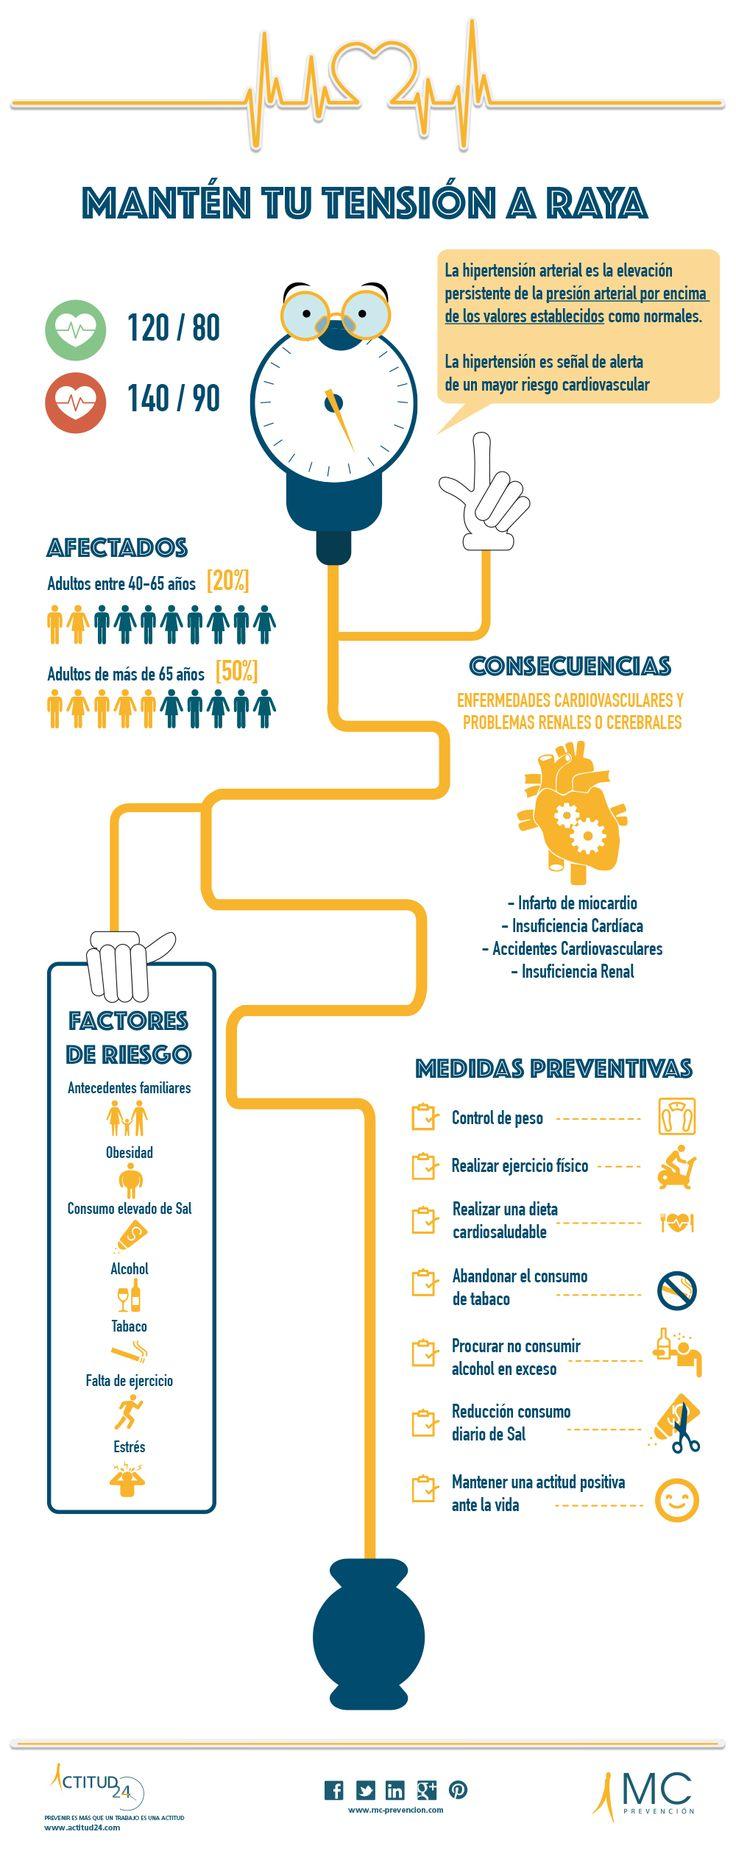 #Infografia sobre los riesgos de la #Hipertensión y algunos #consejos para prevenirla